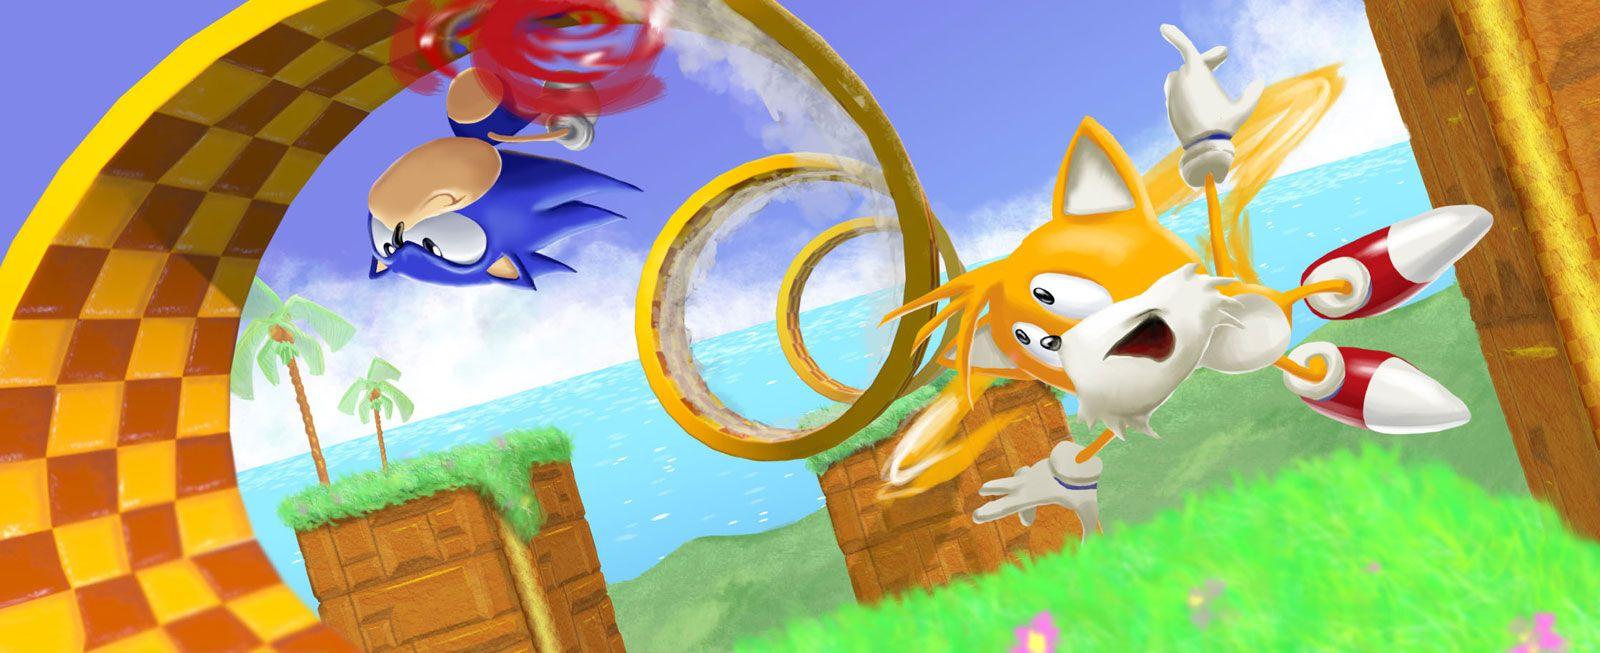 emerald hill zone Google Search Classic sonic, Sonic